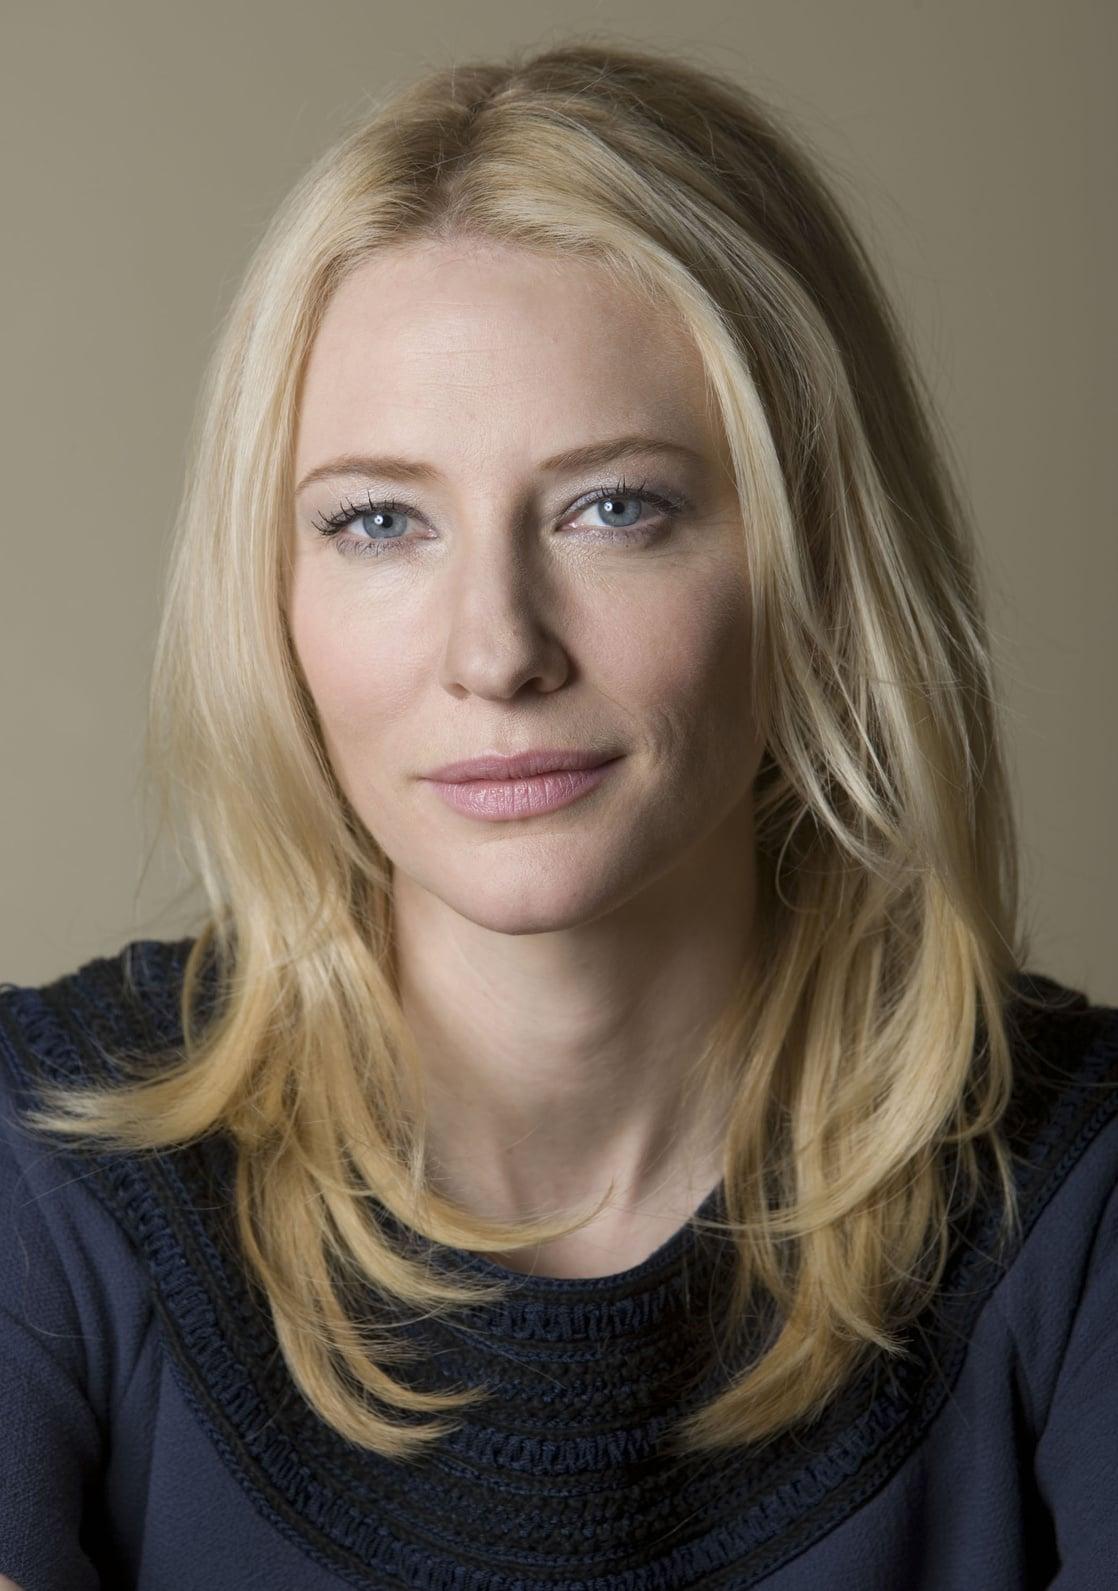 Picture of Cate Blanchett Cate Blanchett